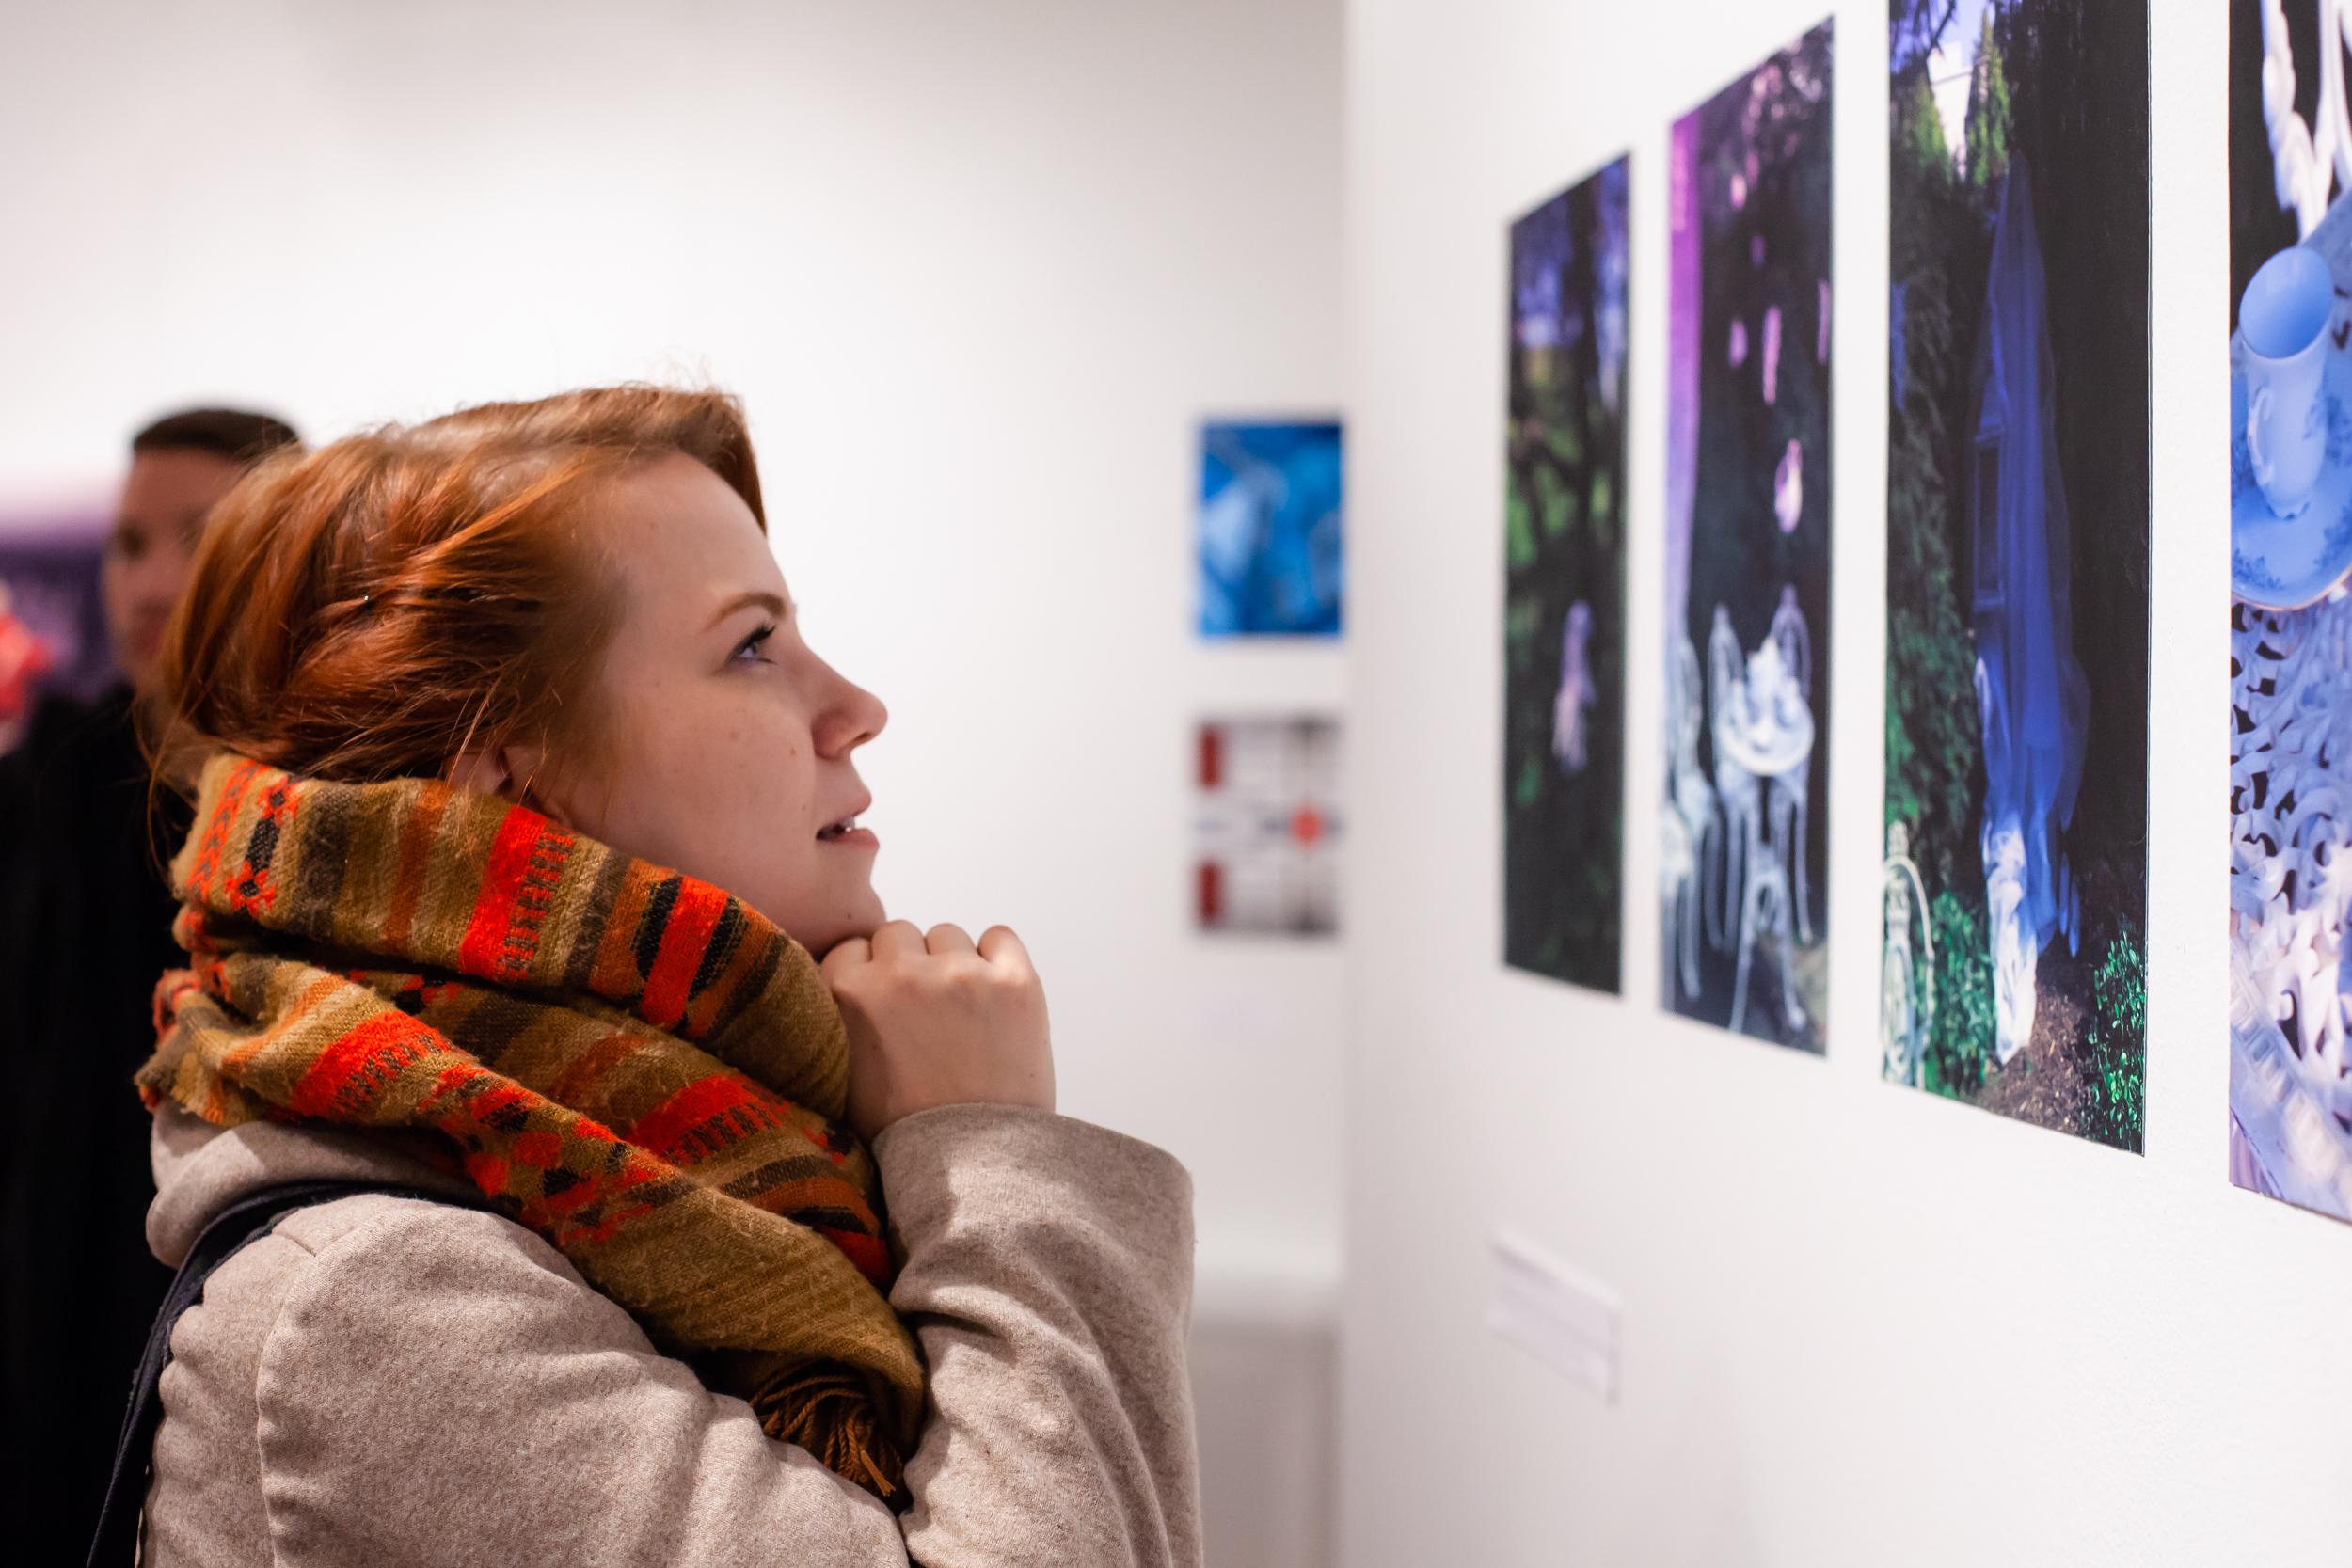 Syksy 2018: Yhteisöllisesti tuotetun Valotila Malmi -näyttelyn avajaiset.